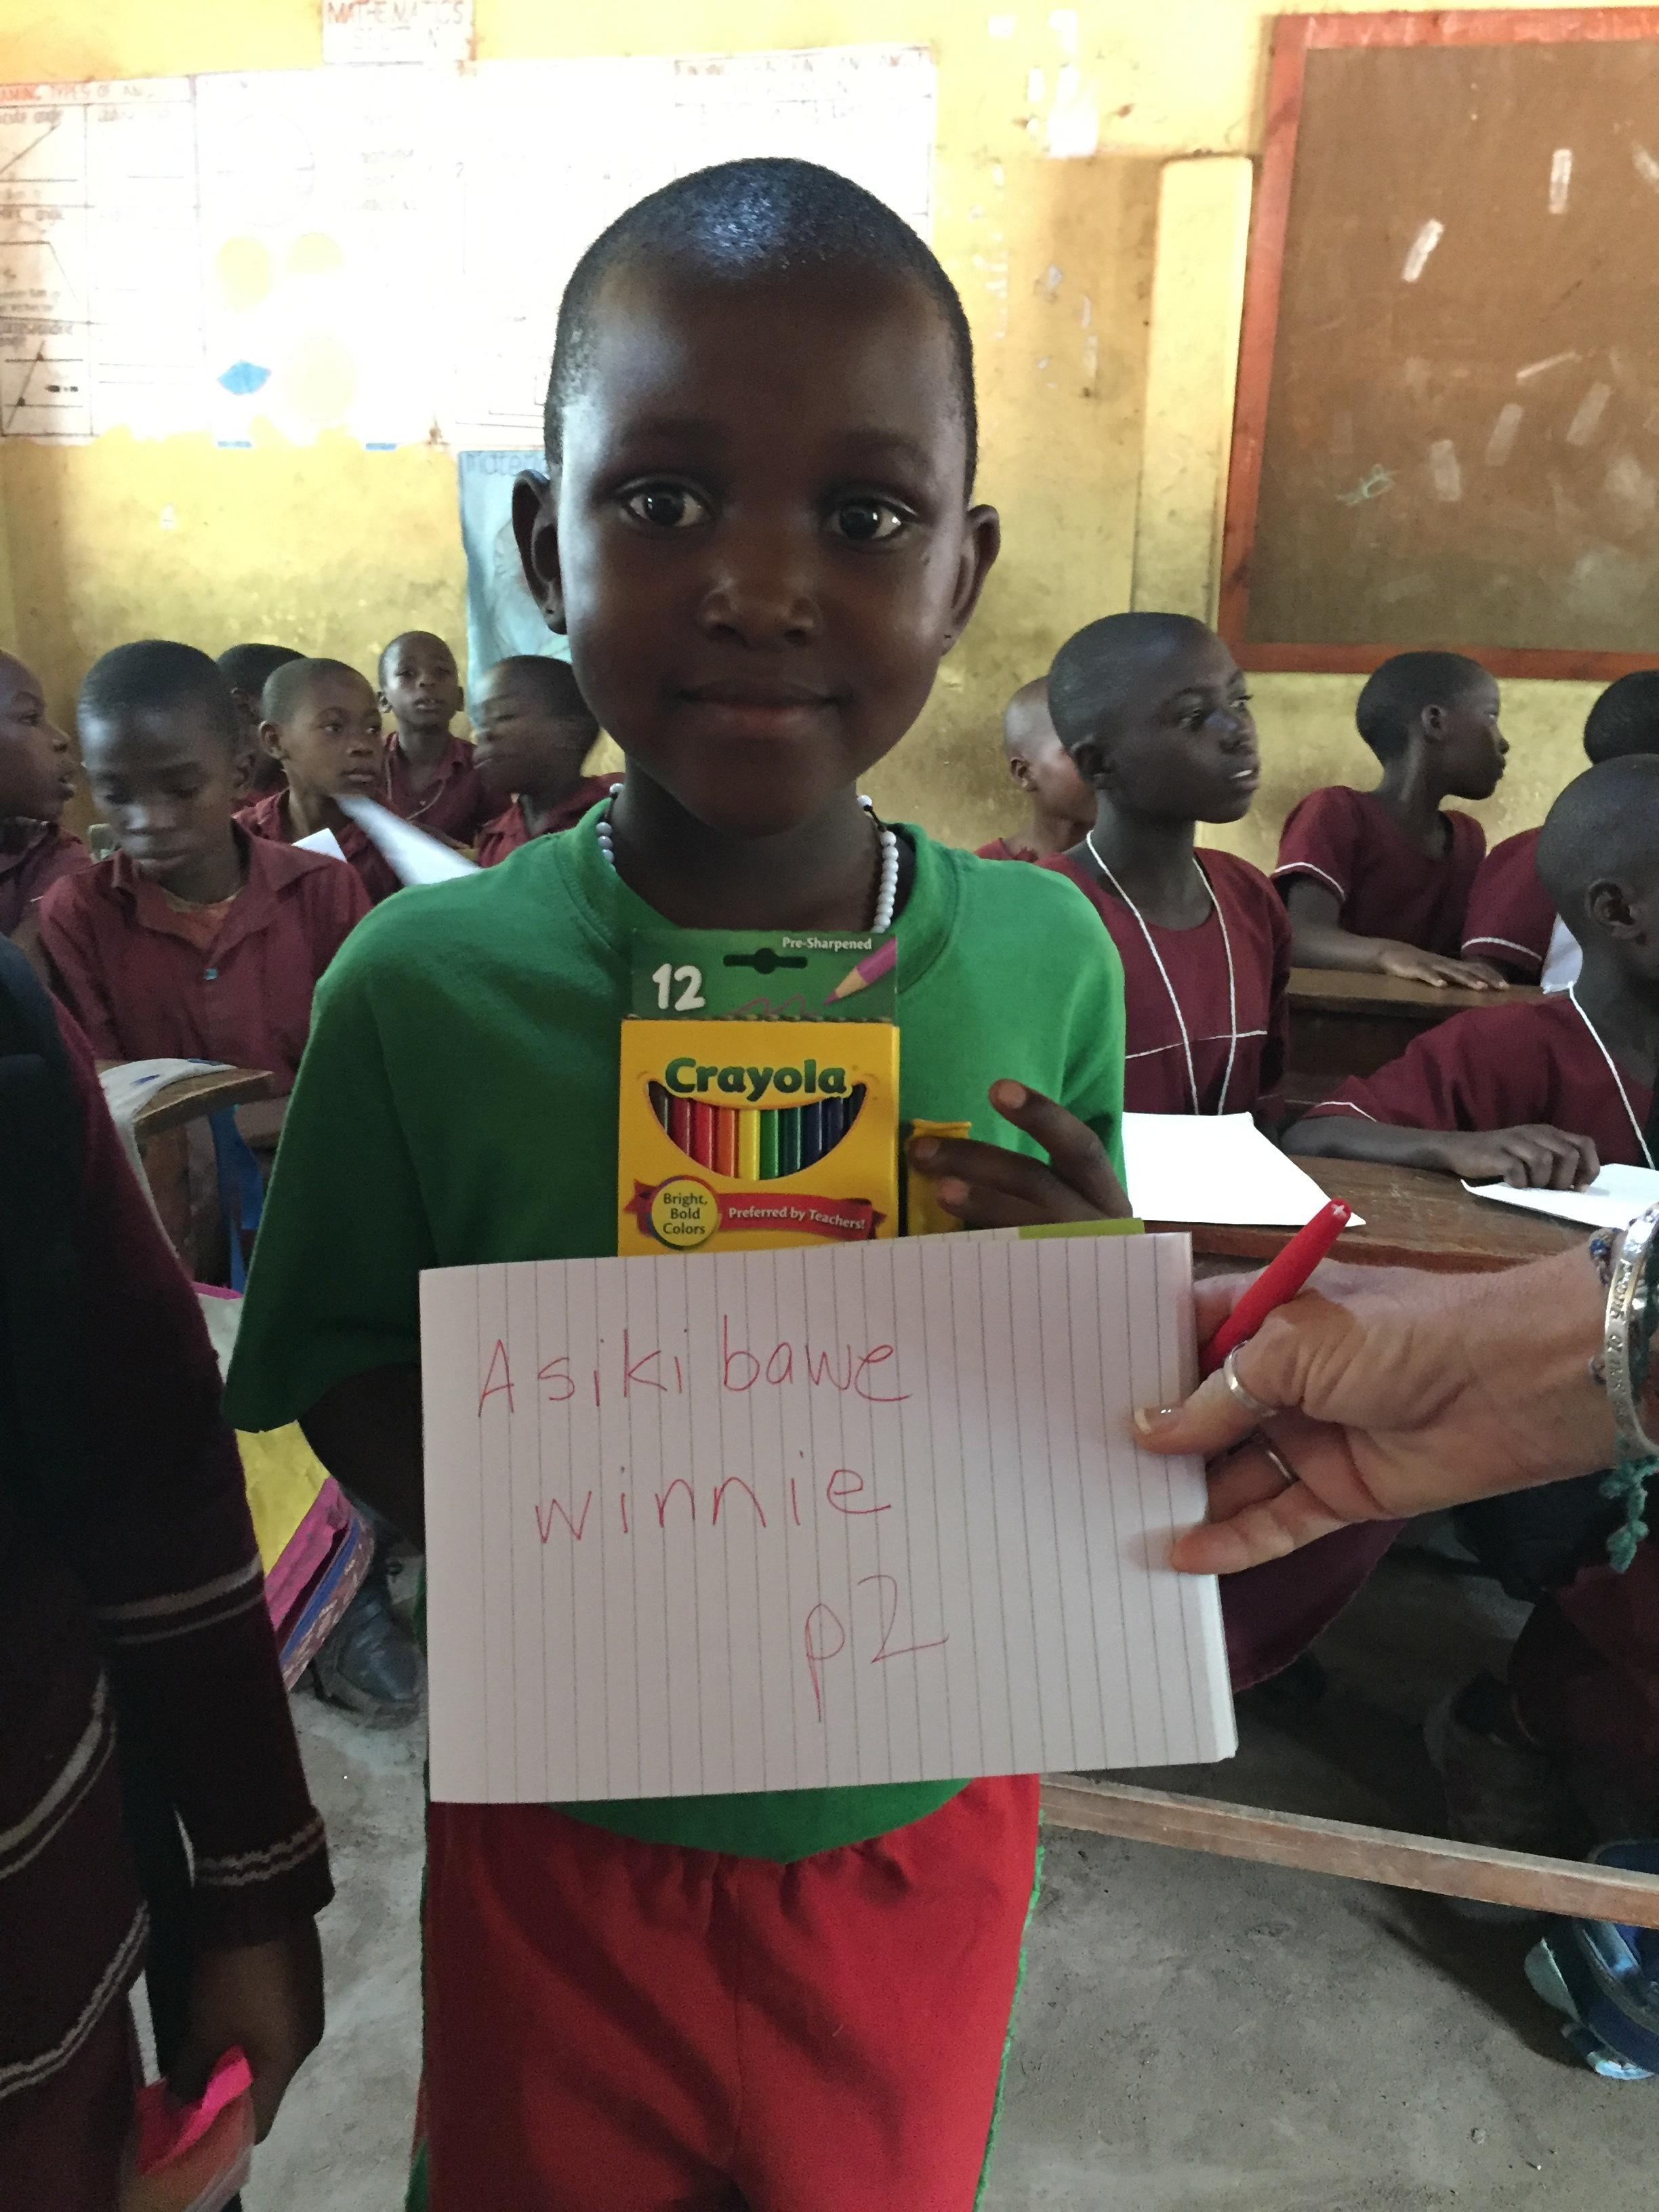 Asikibawe Winnie